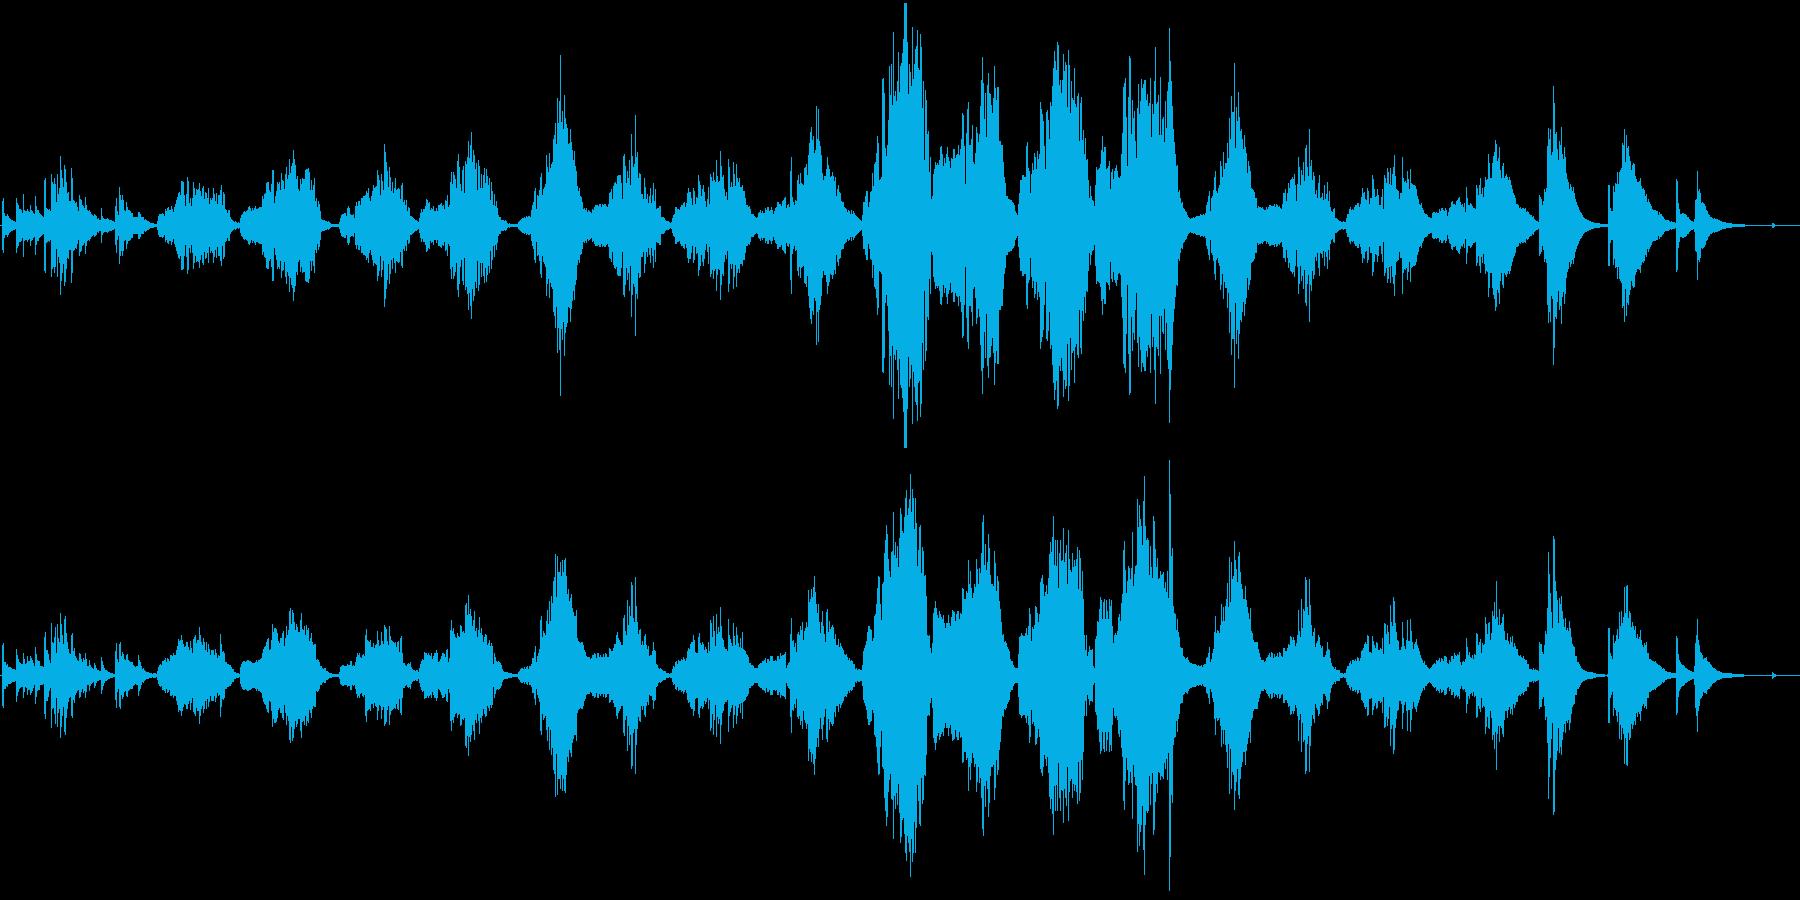 パンフルートとギターによる「月の砂漠」の再生済みの波形